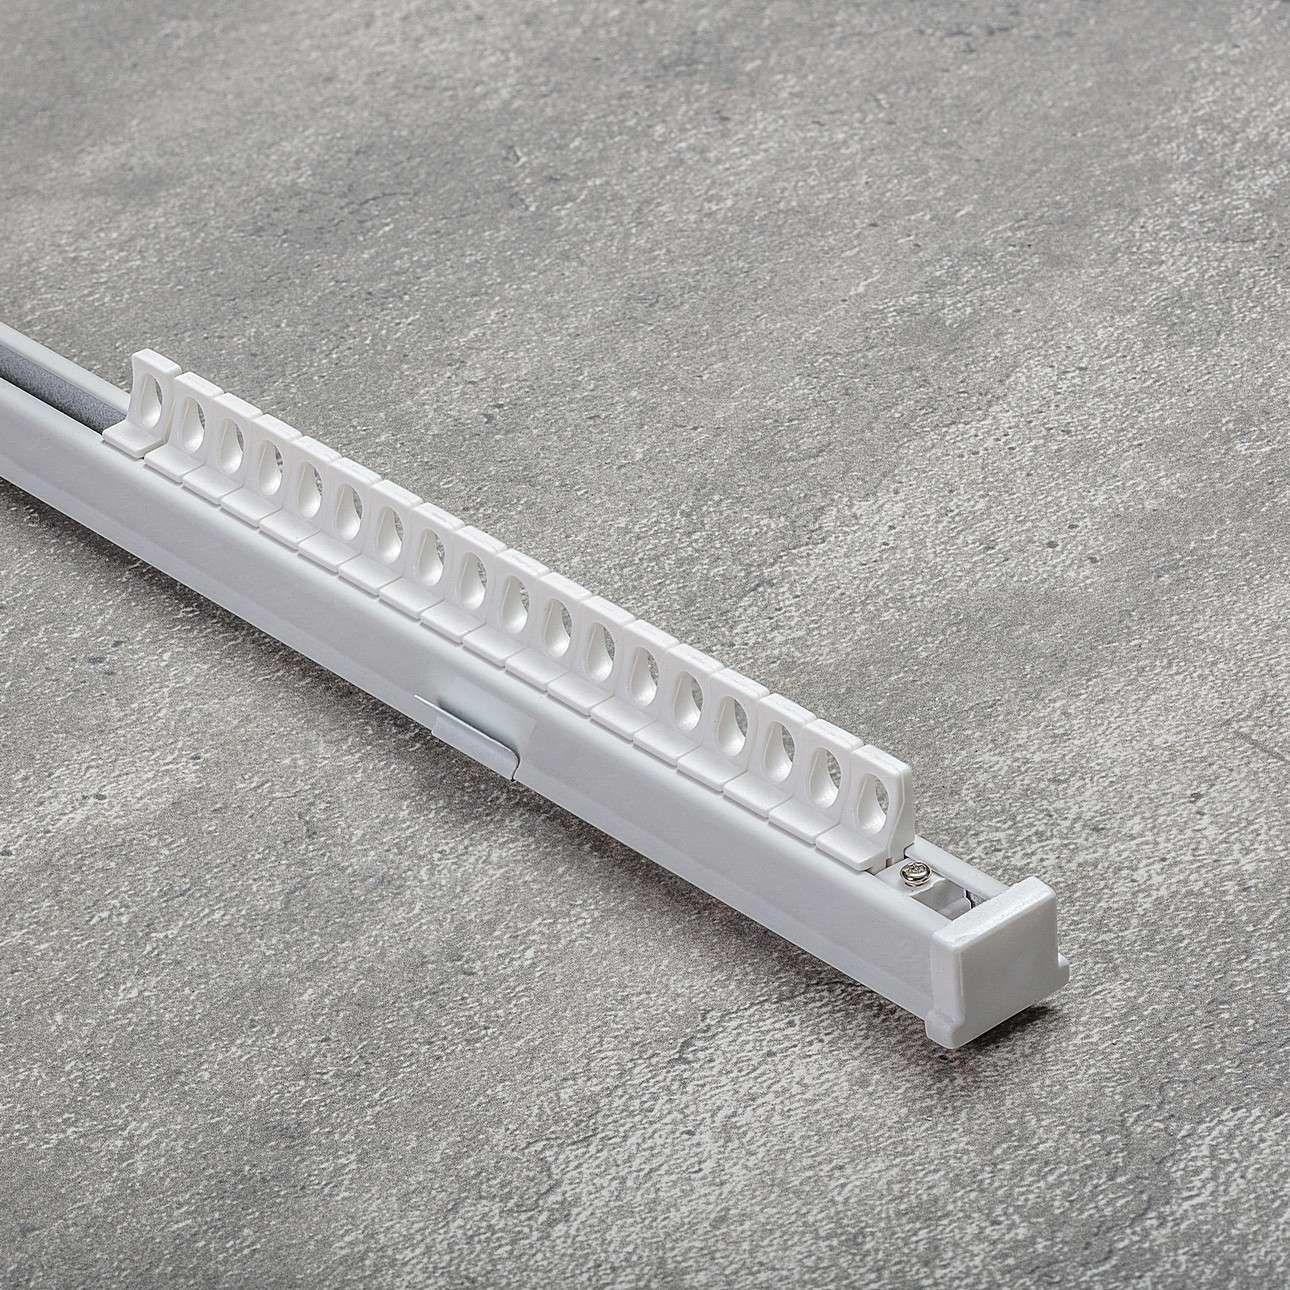 Komplet- szyna przysufitowa aluminiowa TS pojedyncza 180cm, 180 cm